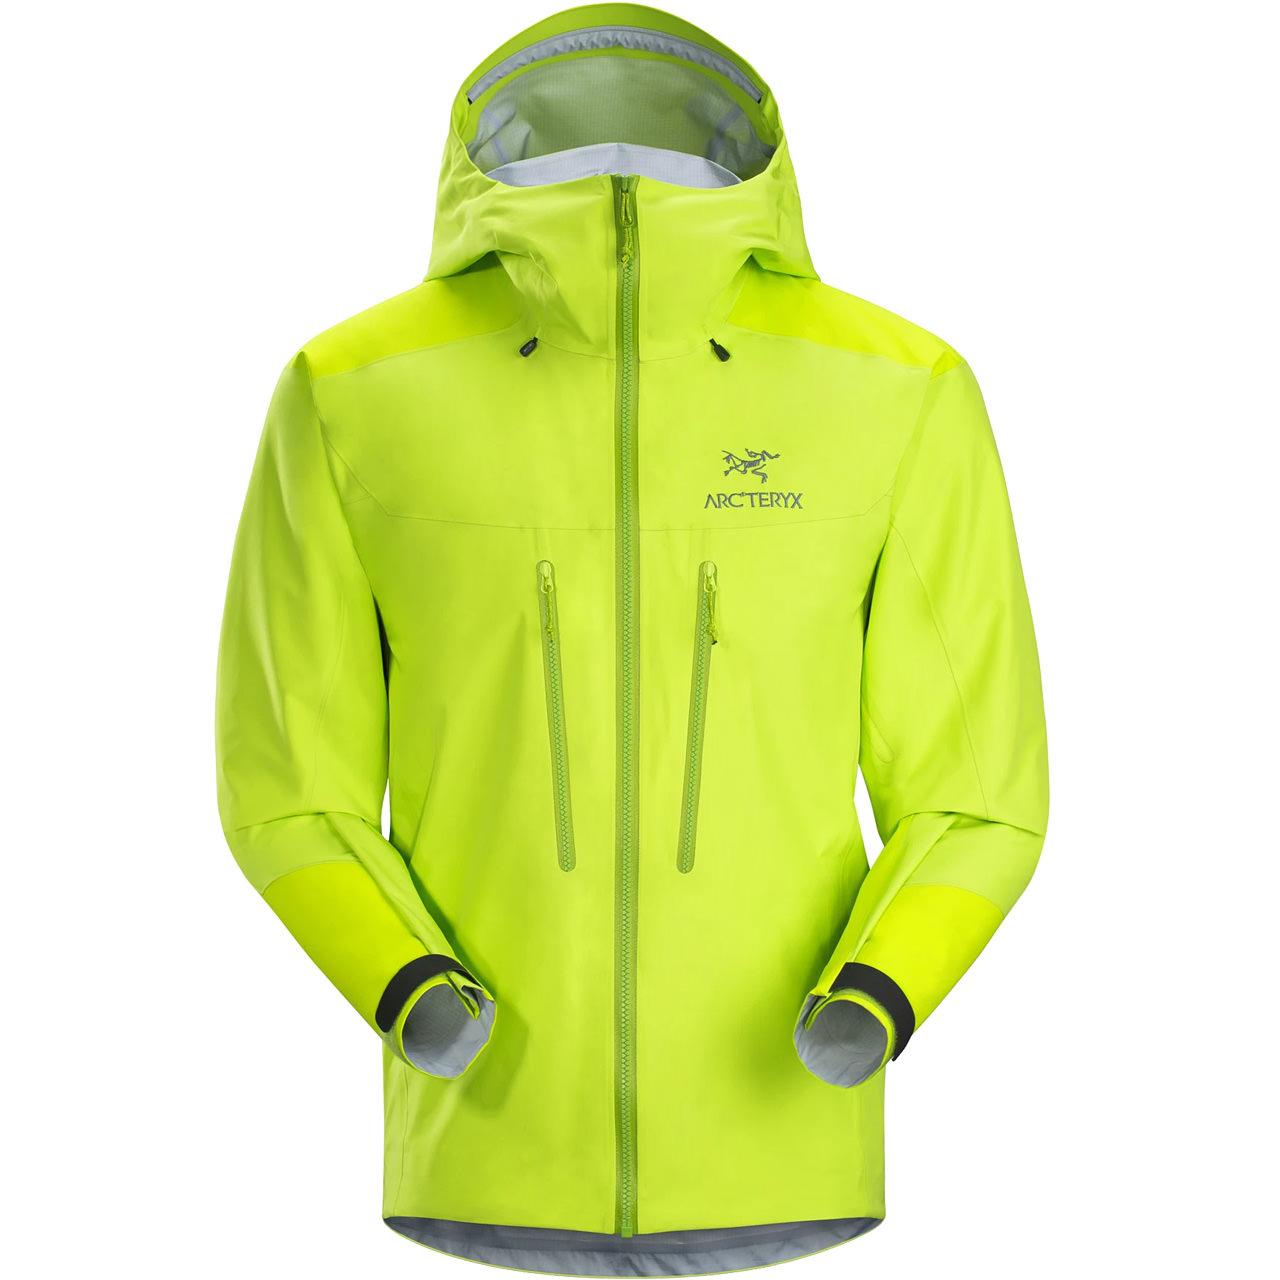 hot sale online 45195 6f543 Arc`teryx Skibekleidung Herren online kaufen